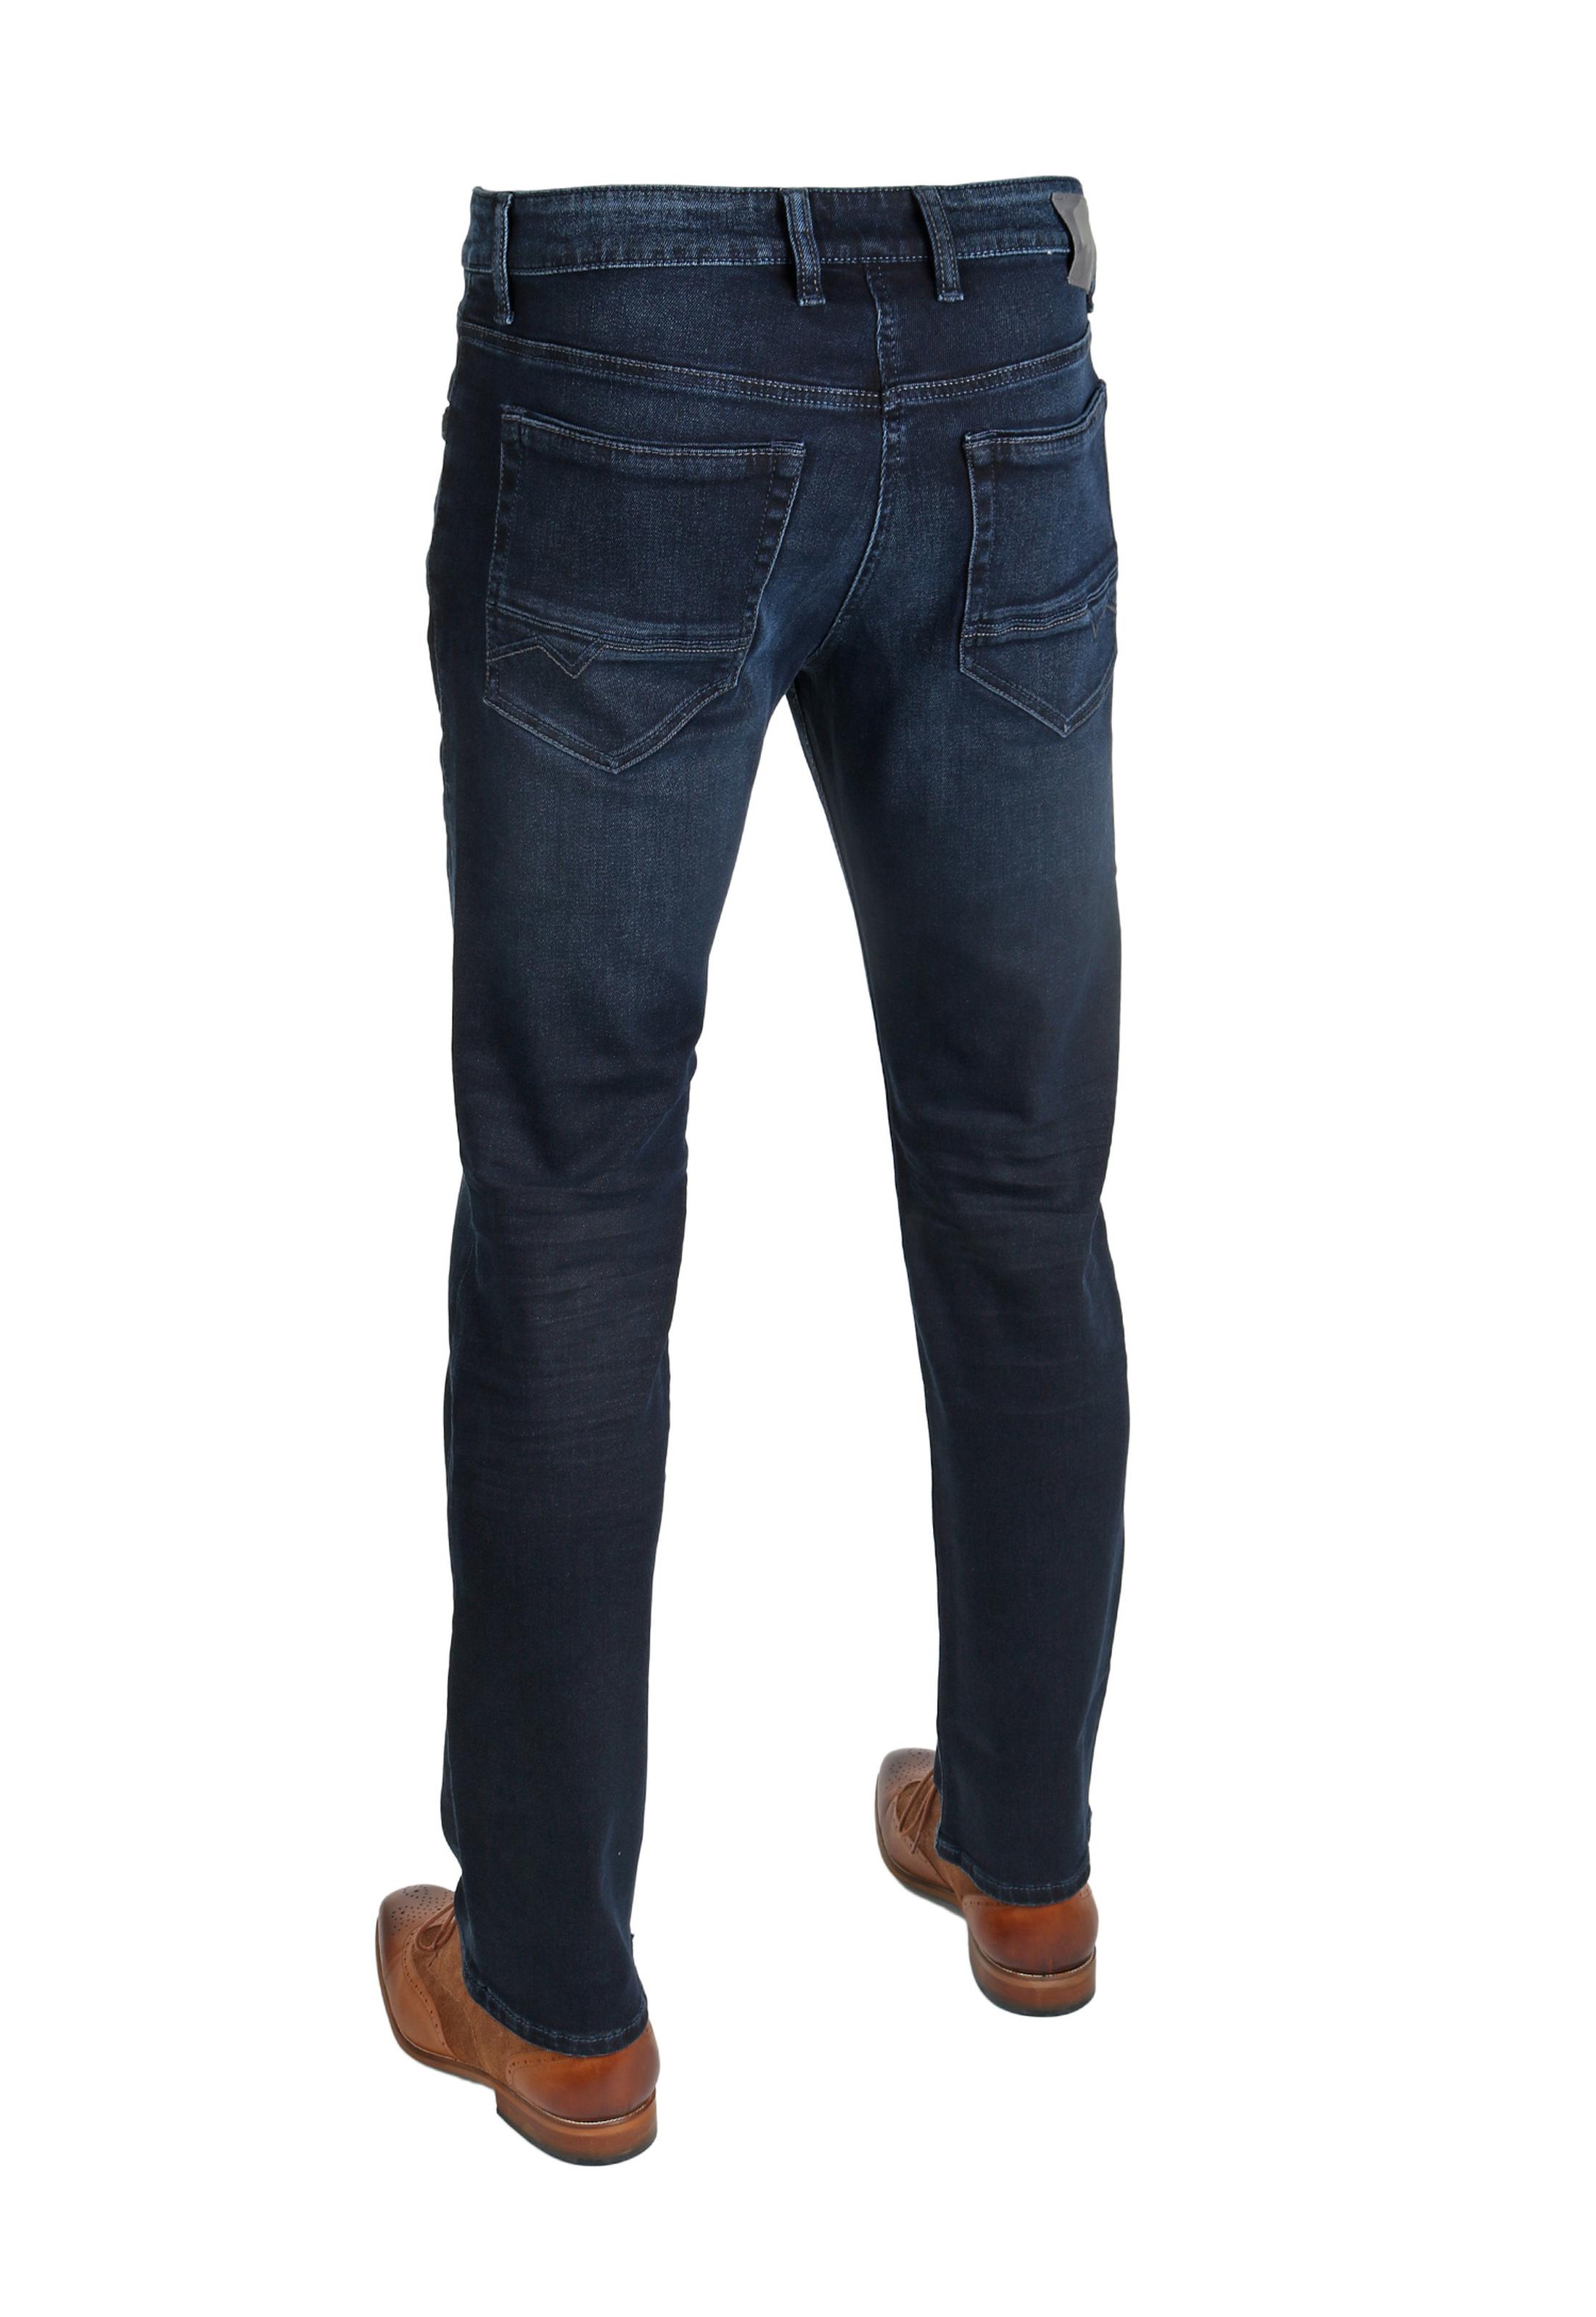 mac jeans arne pipe 0517 00 1973l suitable. Black Bedroom Furniture Sets. Home Design Ideas